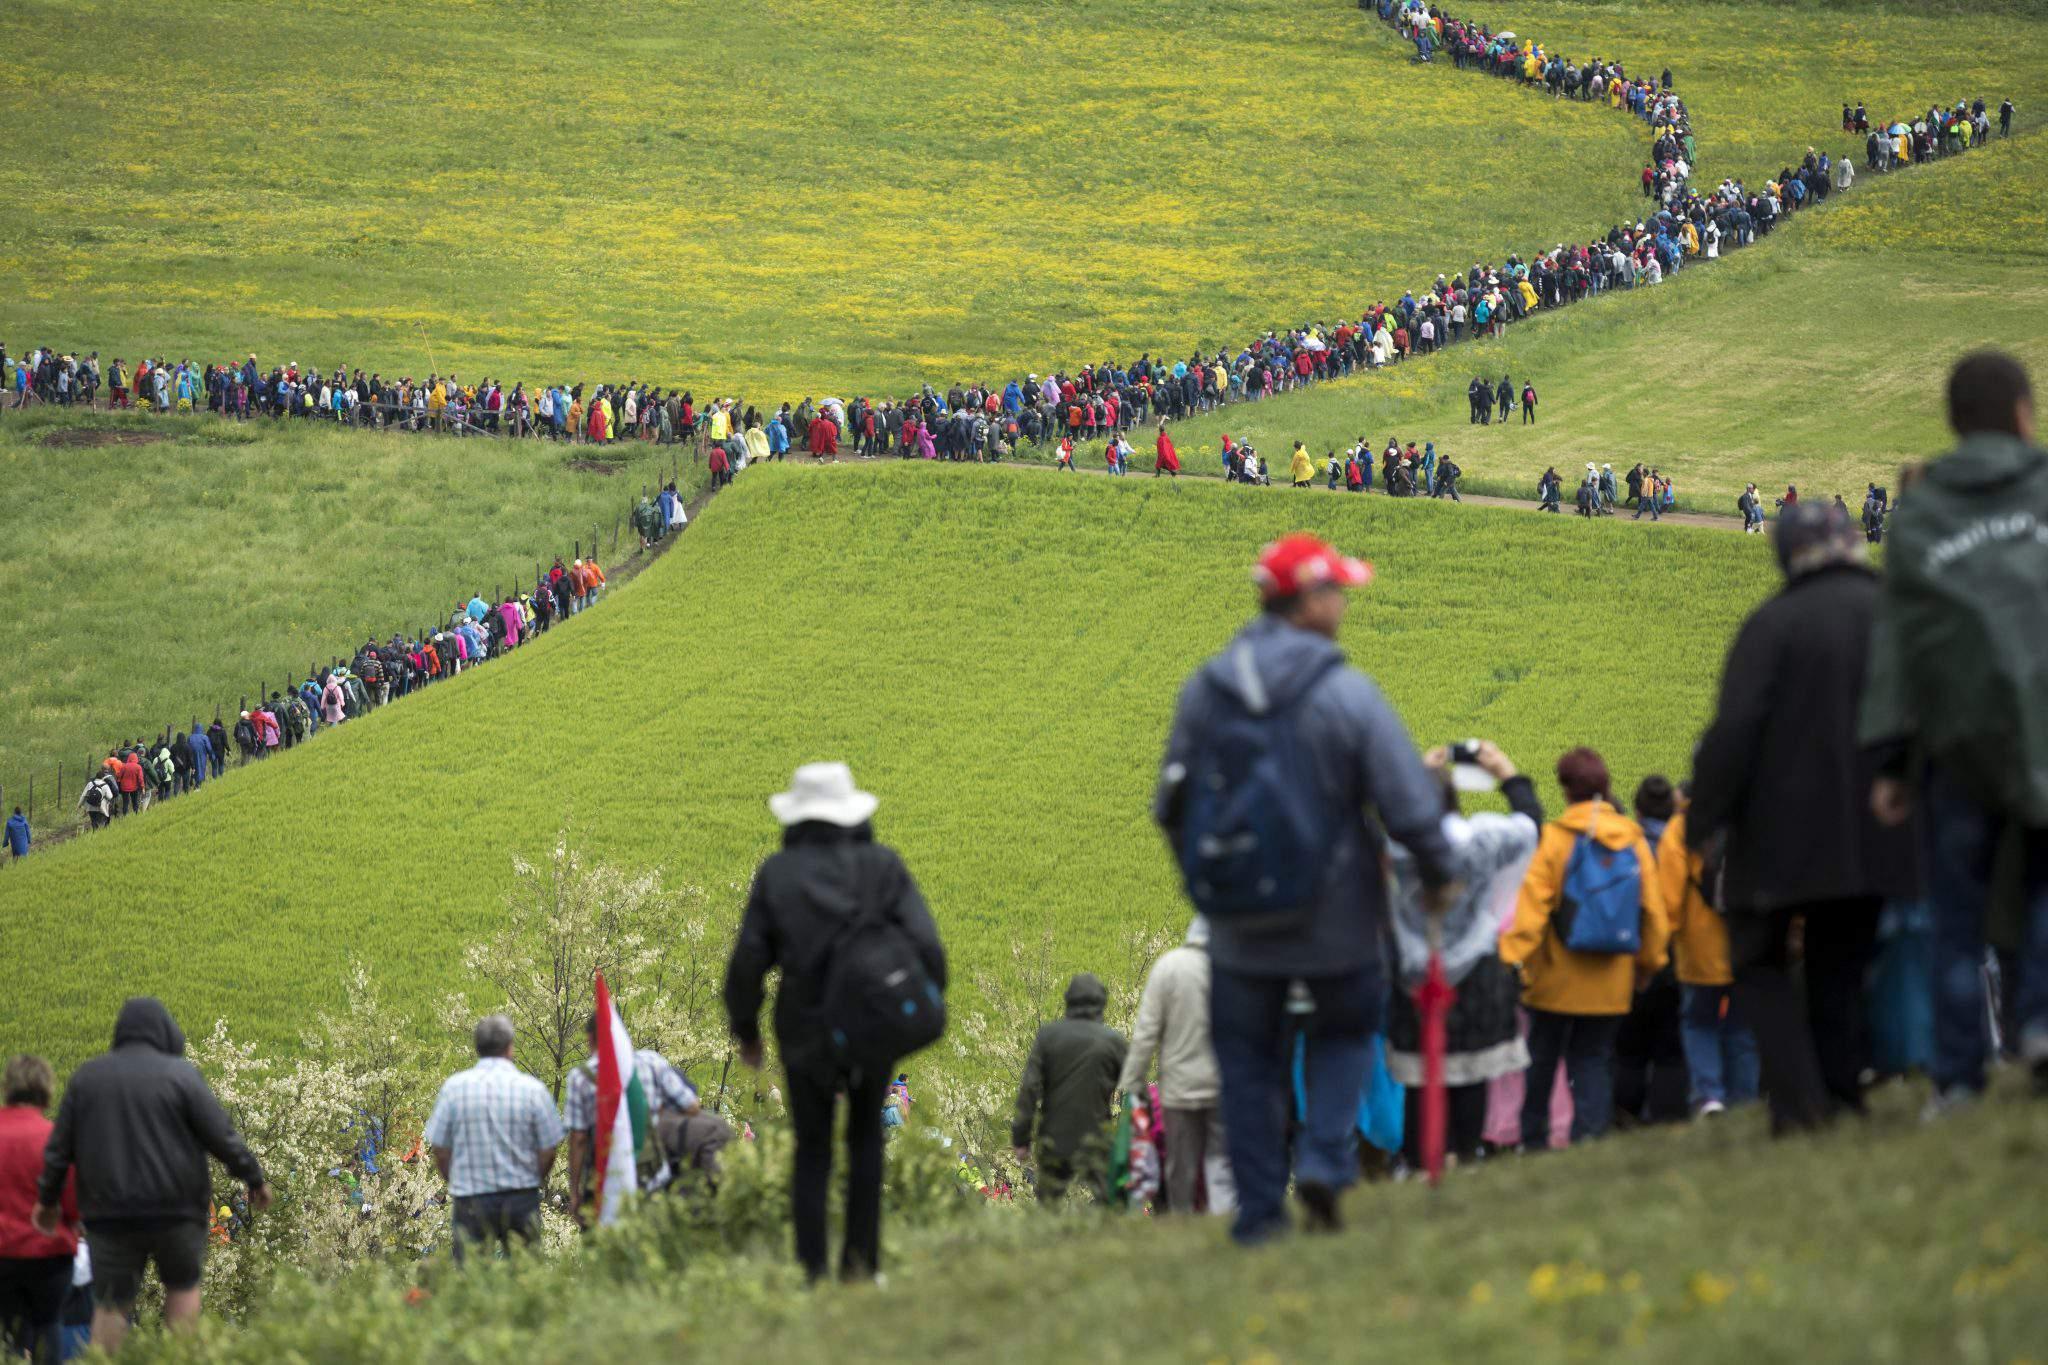 Csíksomlyó pilgrimage/búcsú 2018